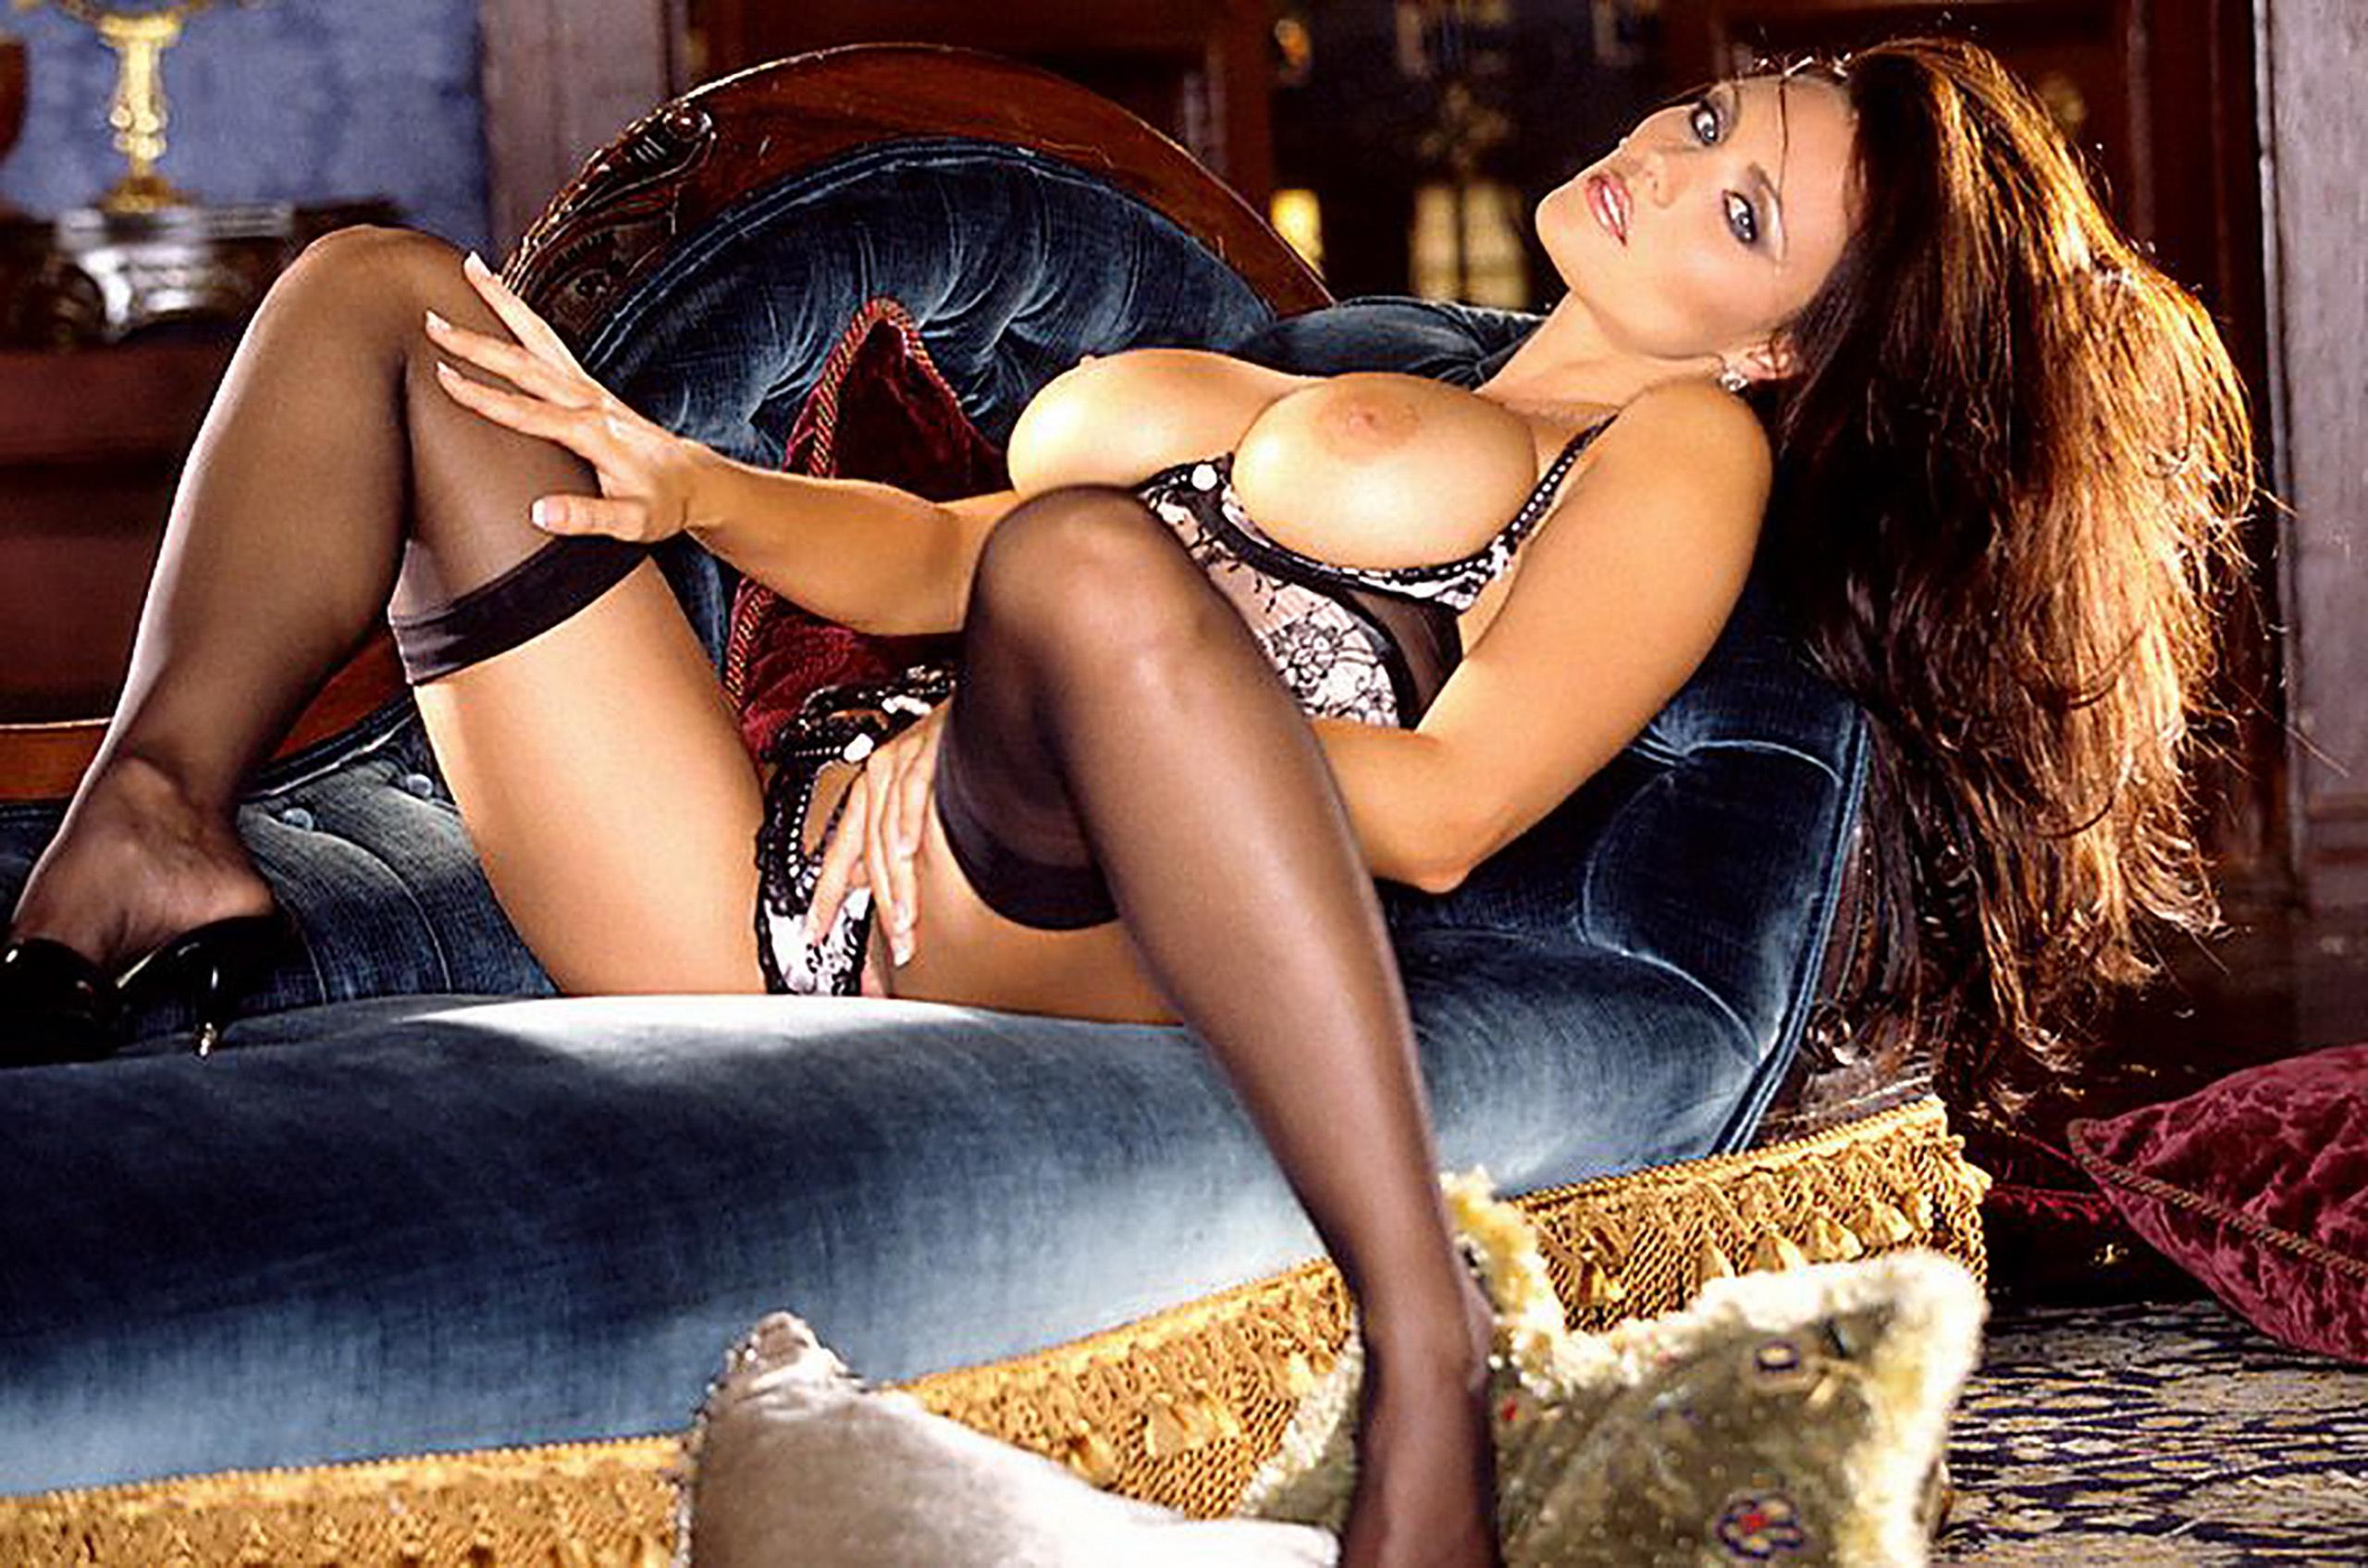 Naga foking sexy video adult photos